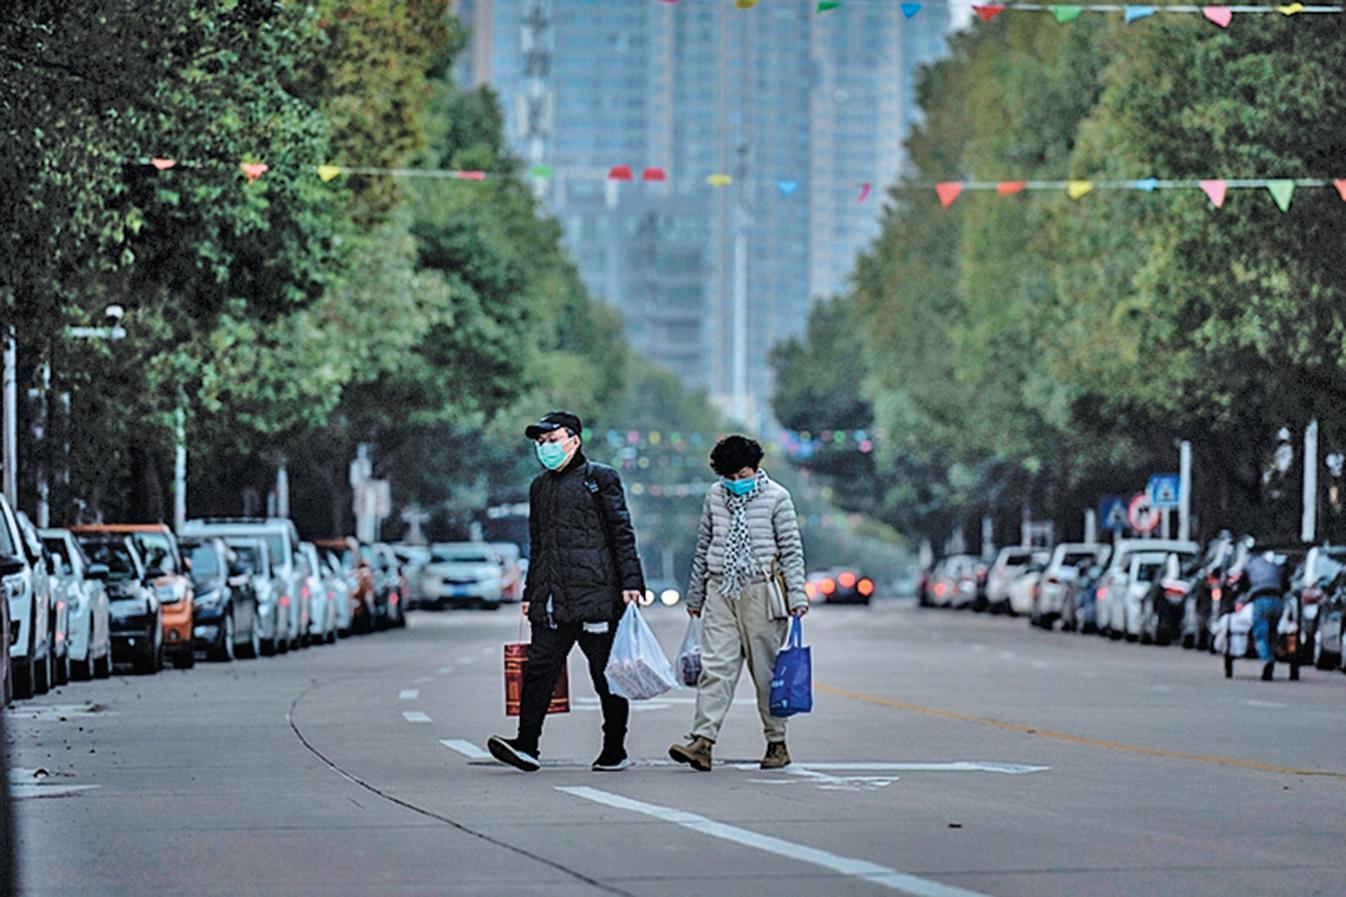 中共最近實施「健康碼」系統管控民眾的日常行動。圖為武漢街頭。(AFP)